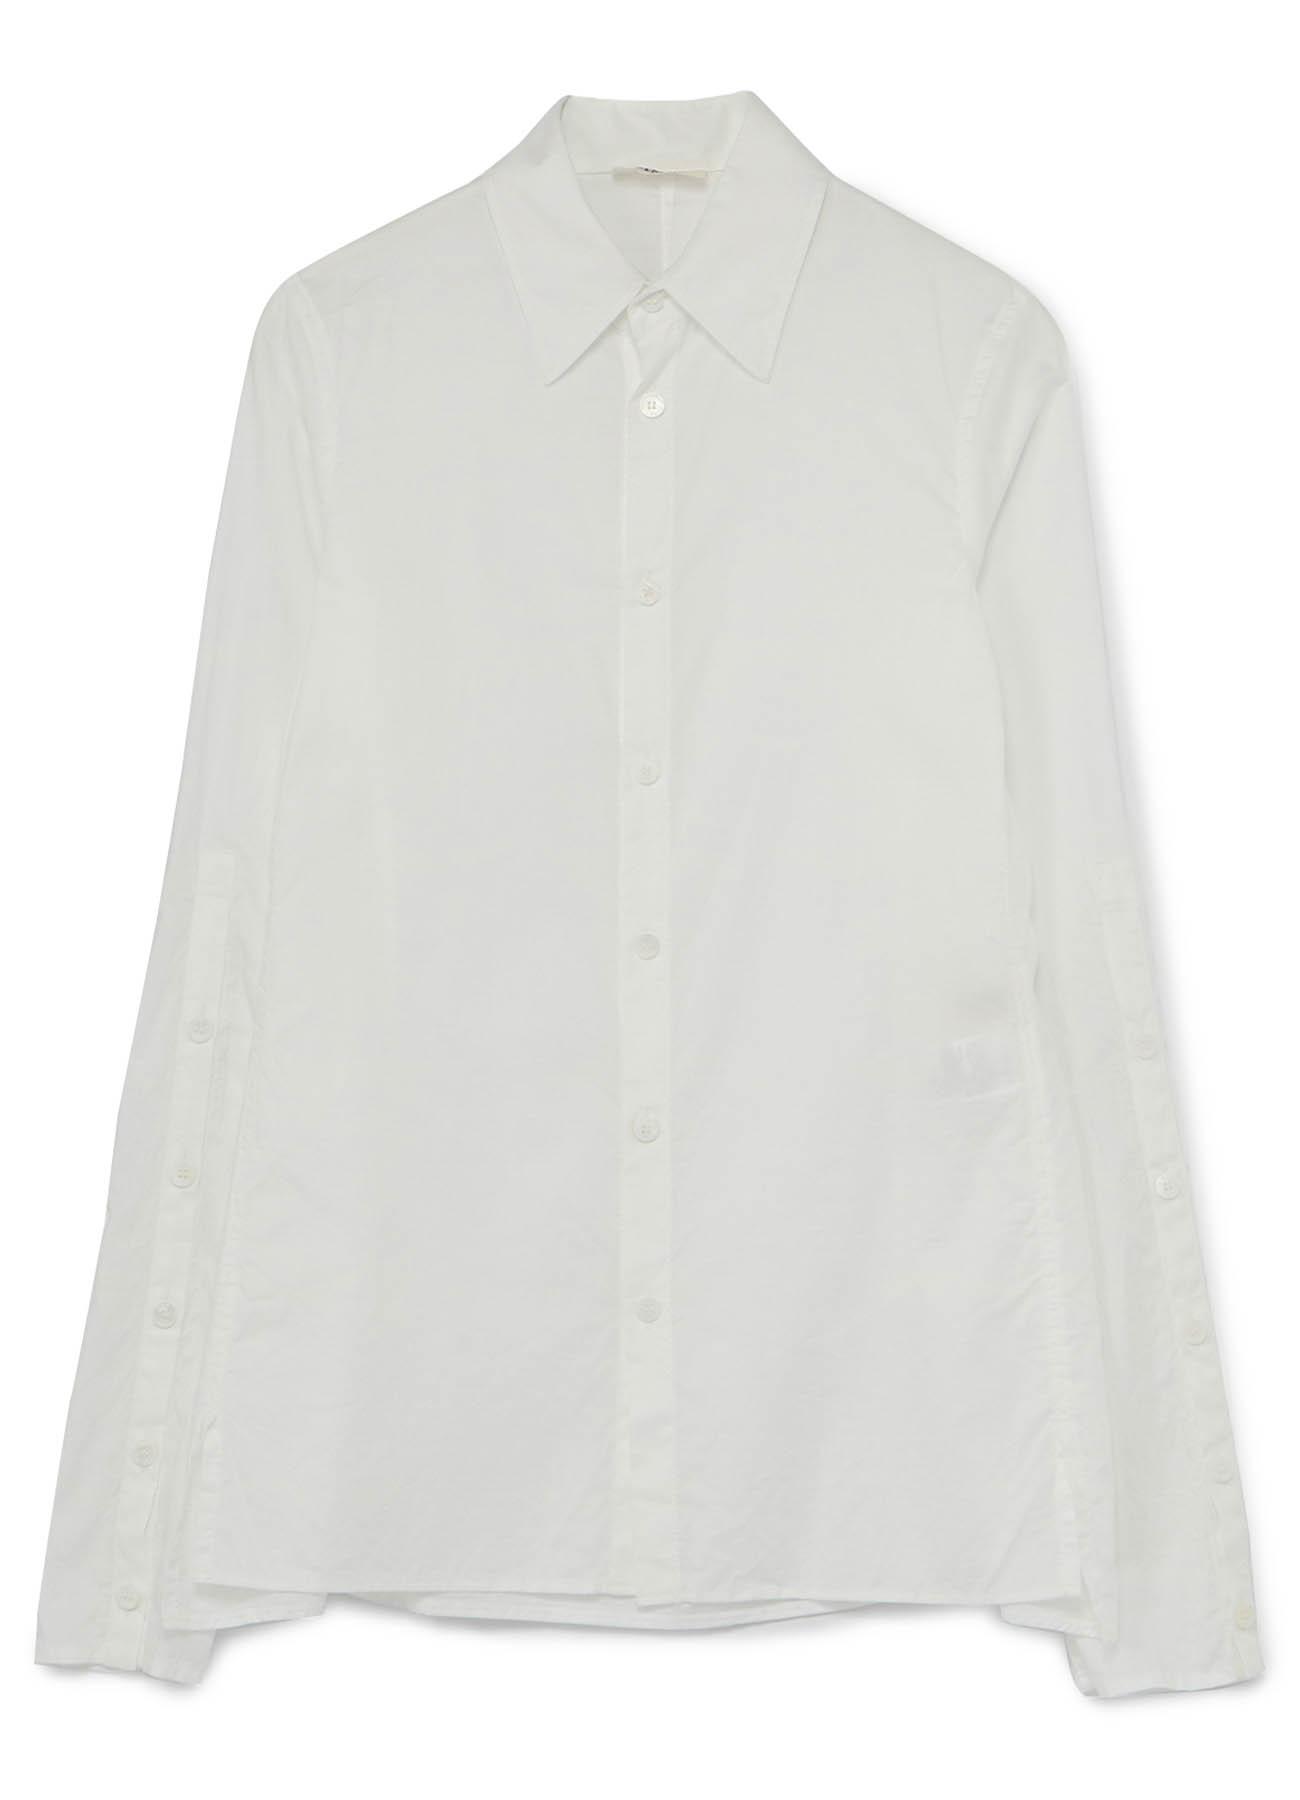 Compact Viyella Long Sleeve Shirt